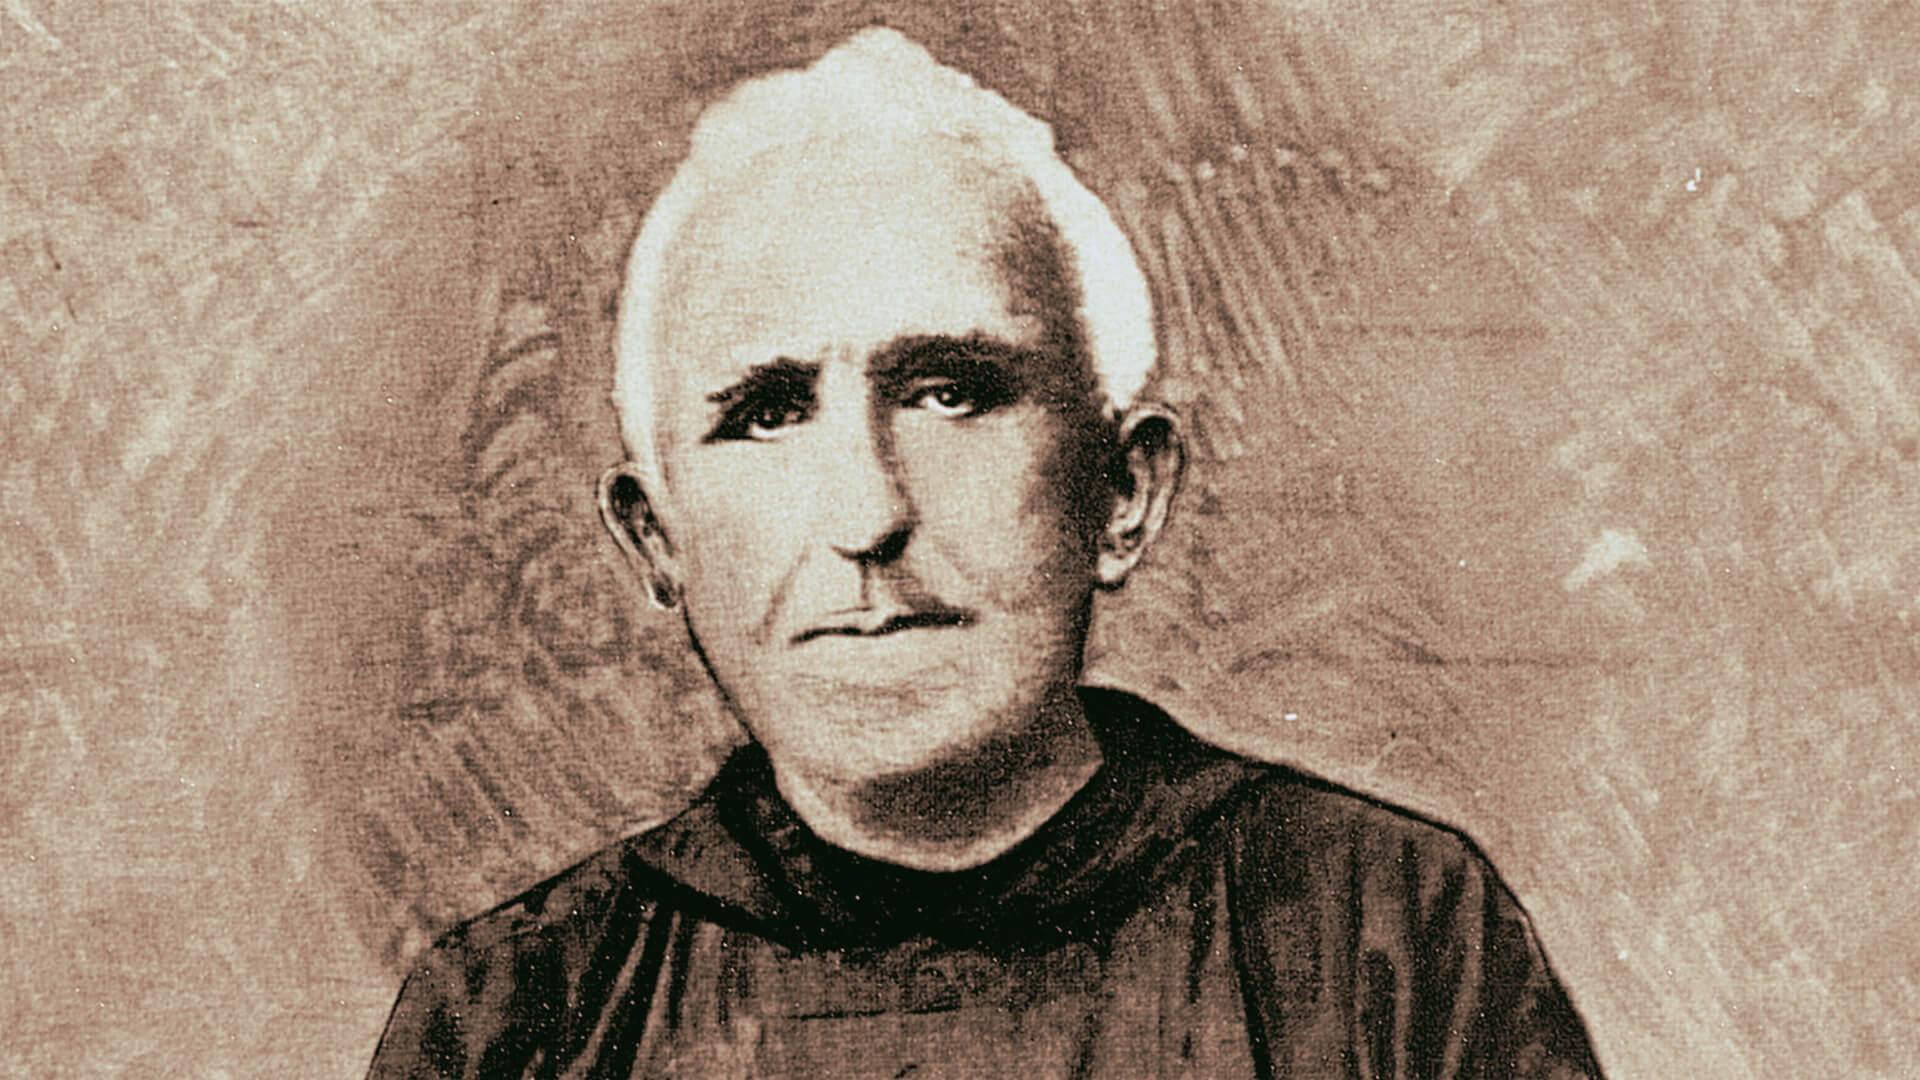 Padre Giovanni Francesco Fantino Falco